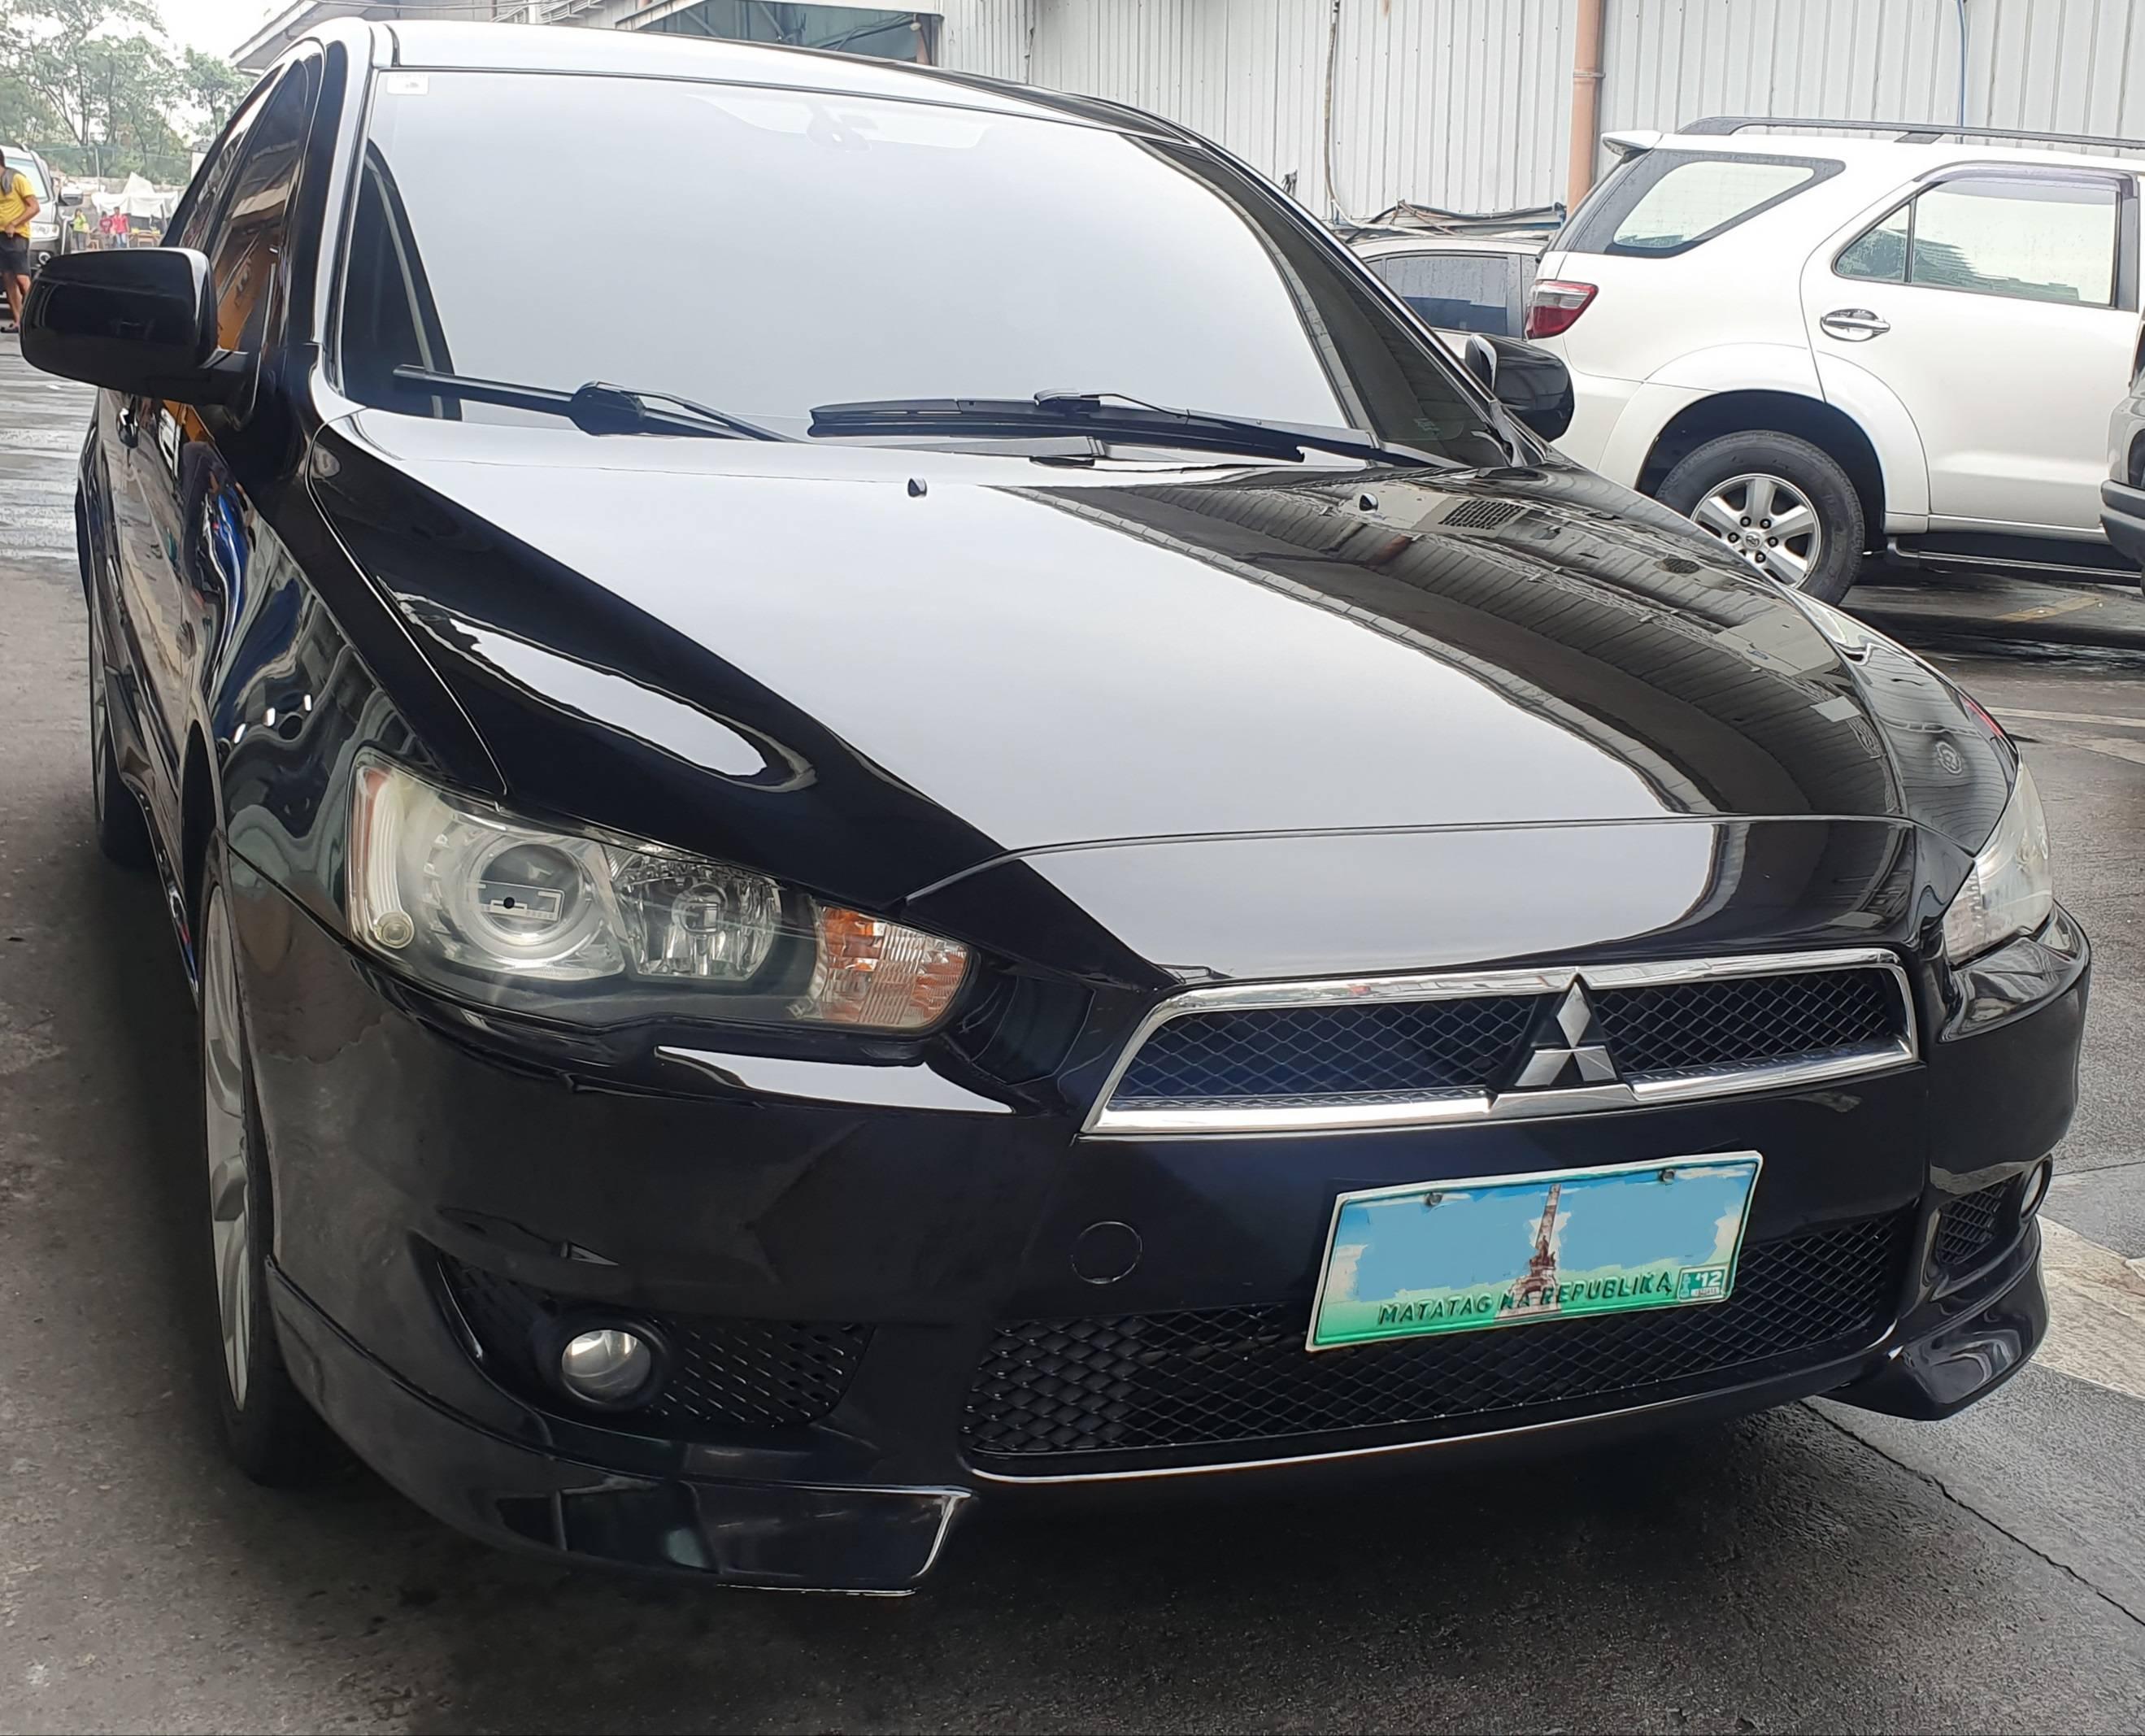 2008 Mitsubishi Lancer EX